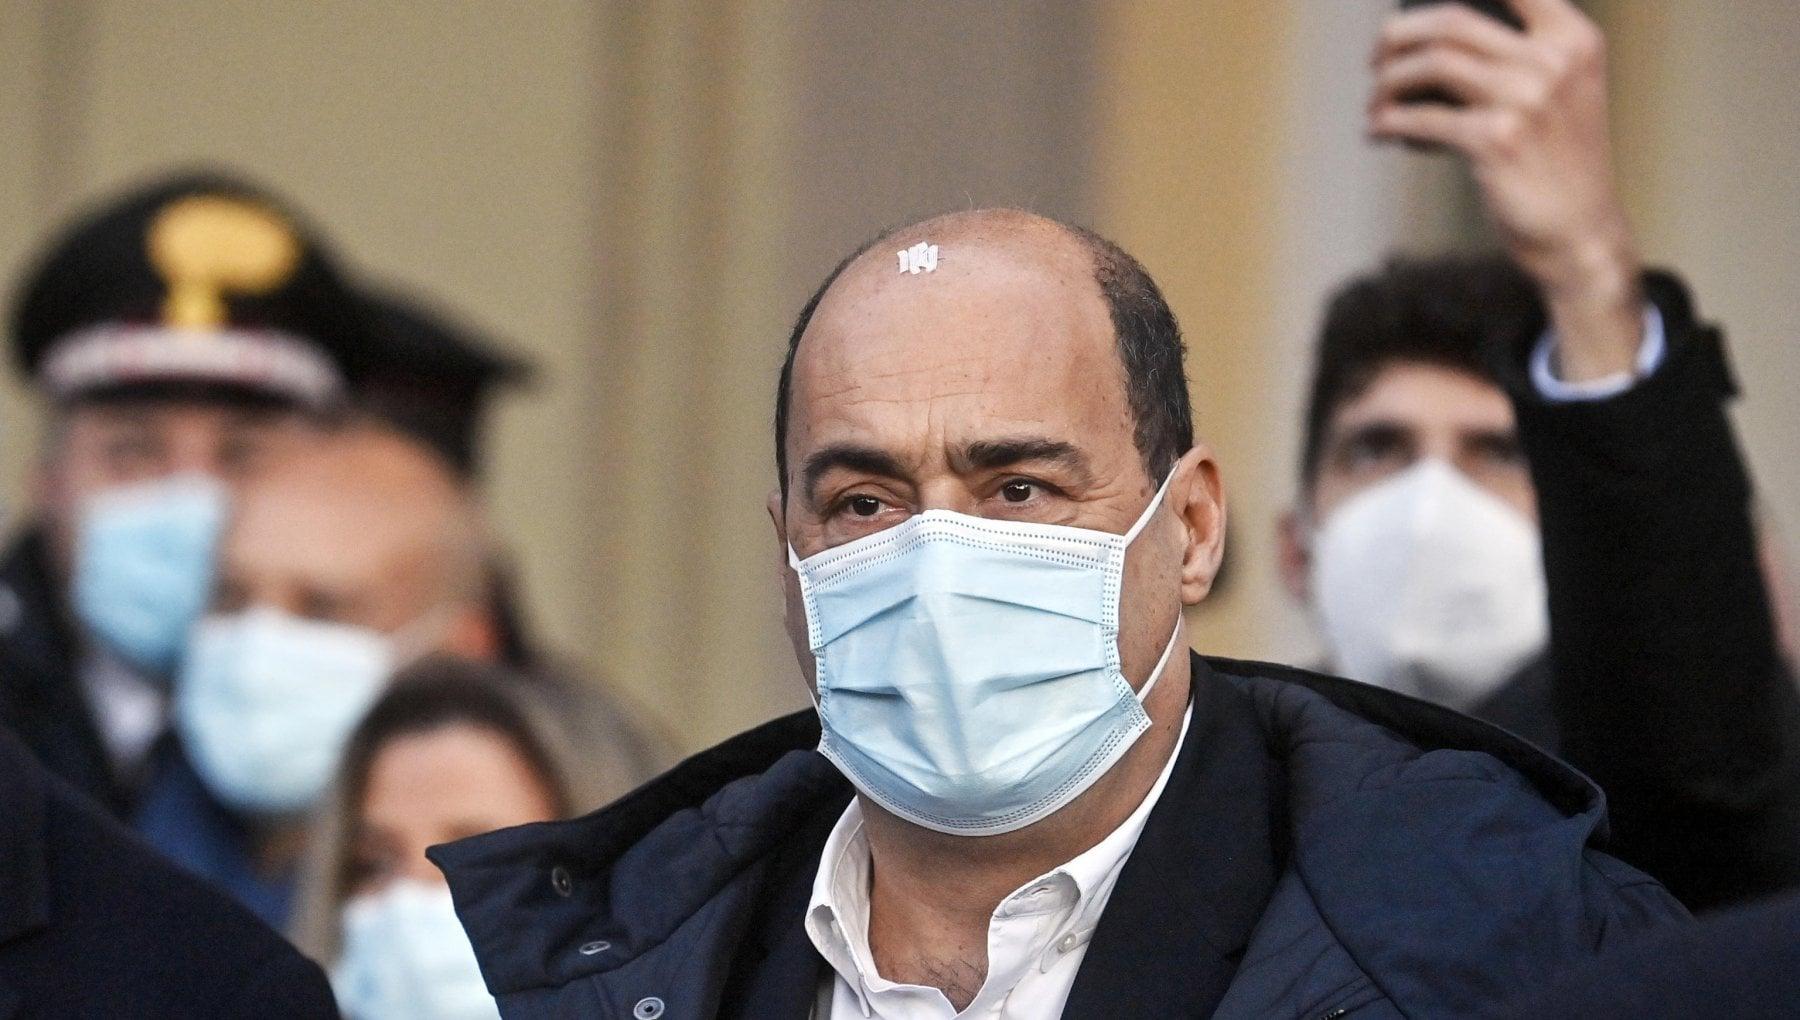 Crisi il Pd riunisce la direzione per blindare Conte e stabilizzare la maggioranza